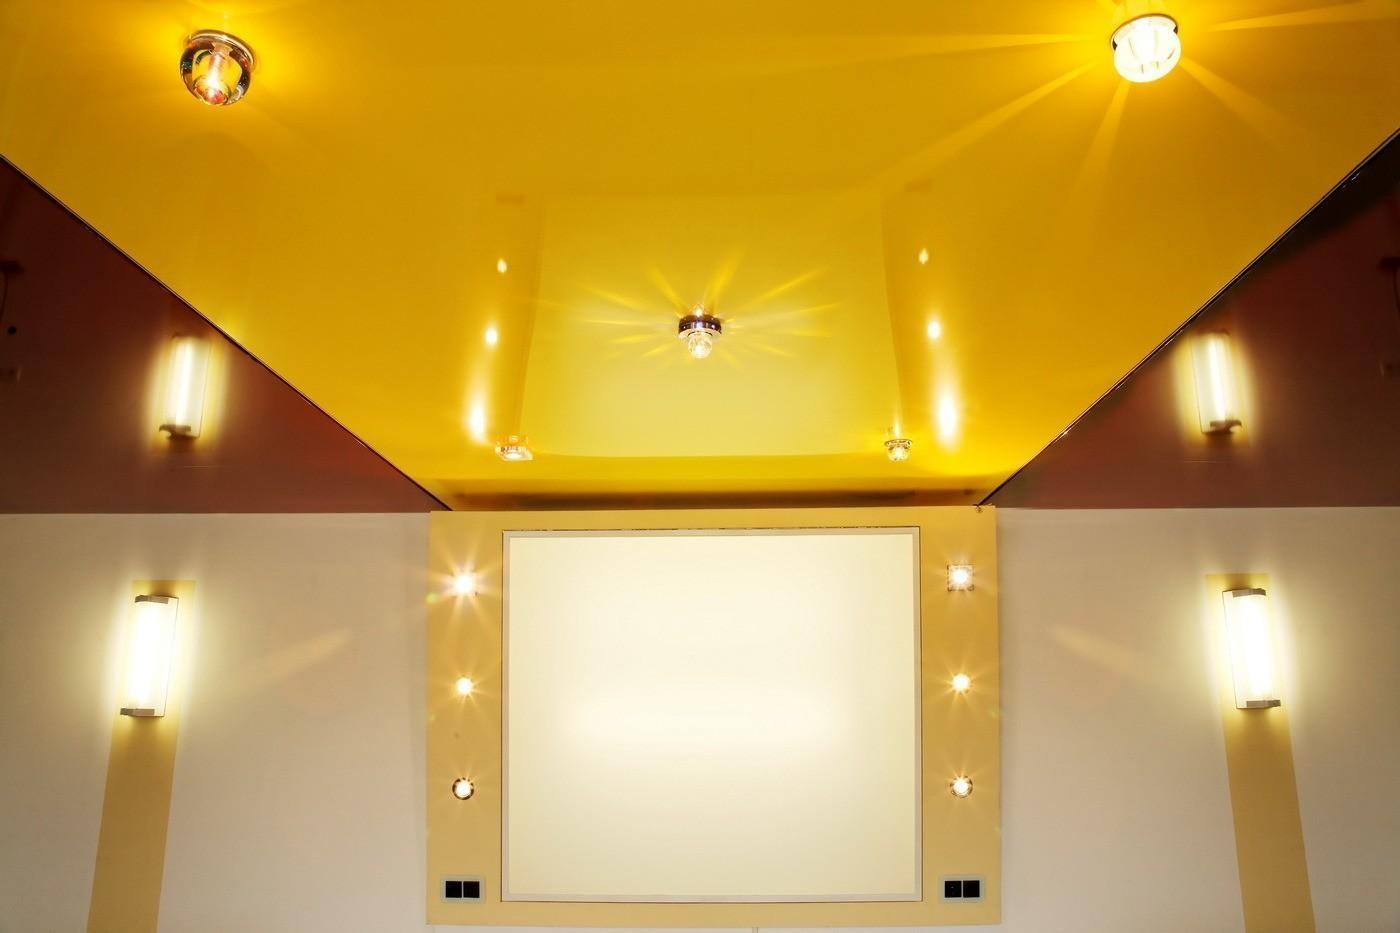 Выбор натяжных потолков. Какой потолок лучше матовый или глянцевый